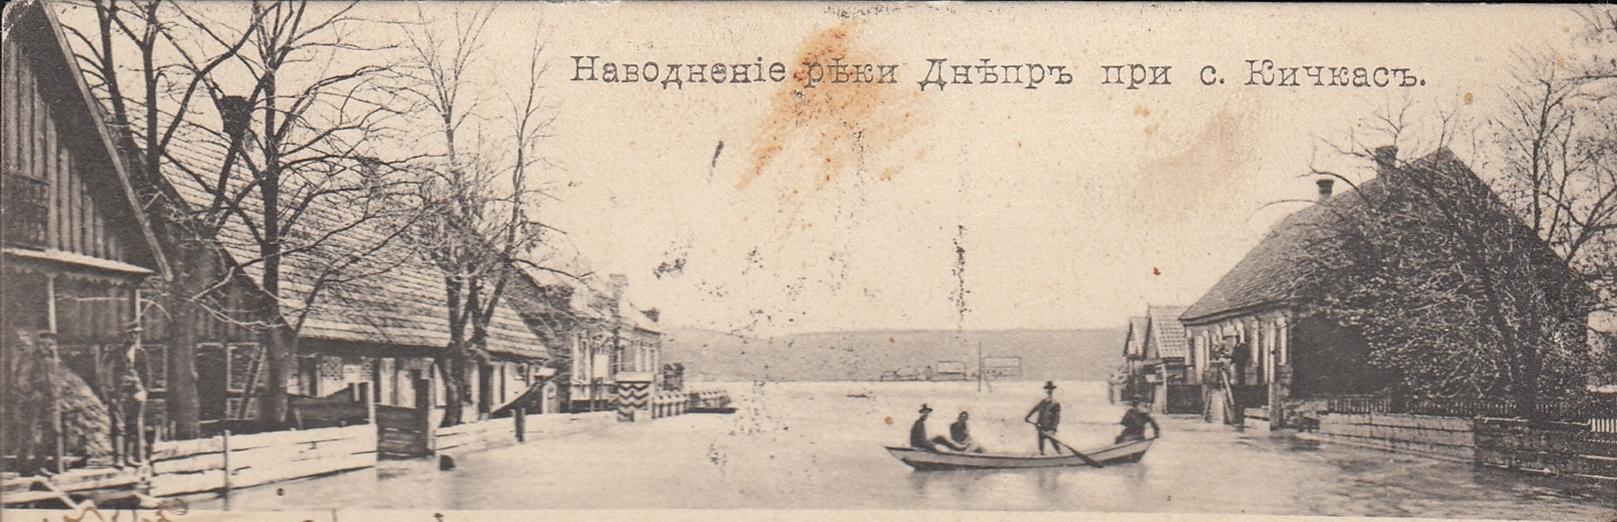 Окрестности Александровска. Кичкас Наводнение Река Днепр — копия